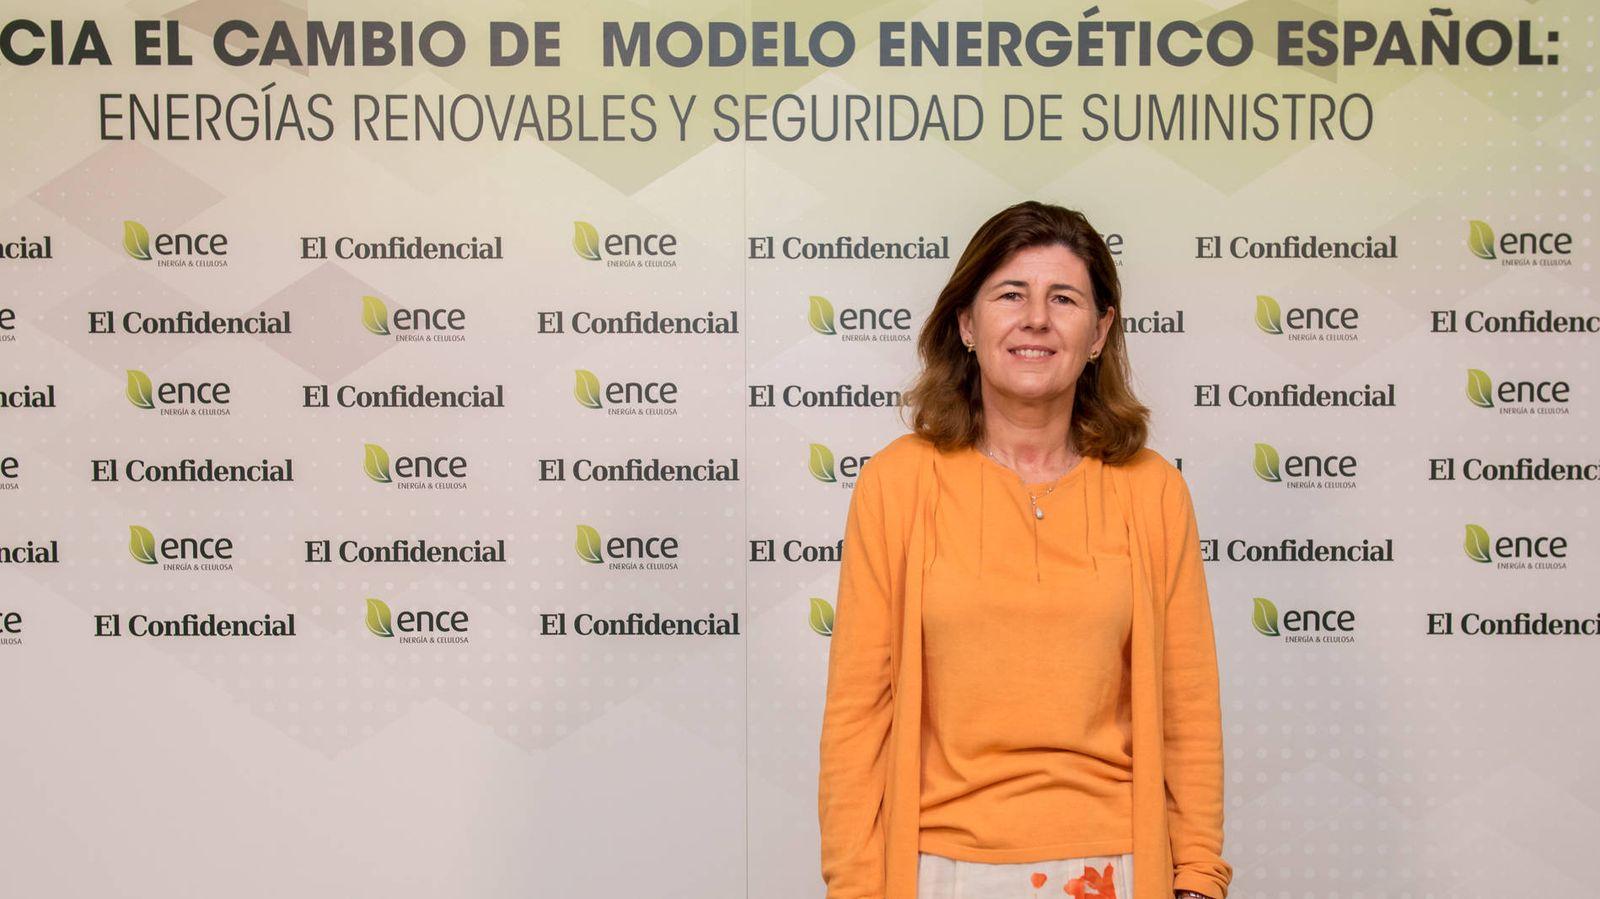 Energías renovables  Hacia el cambio de modelo energético español  energías  renovables y seguridad del suministro ef560ffebae02